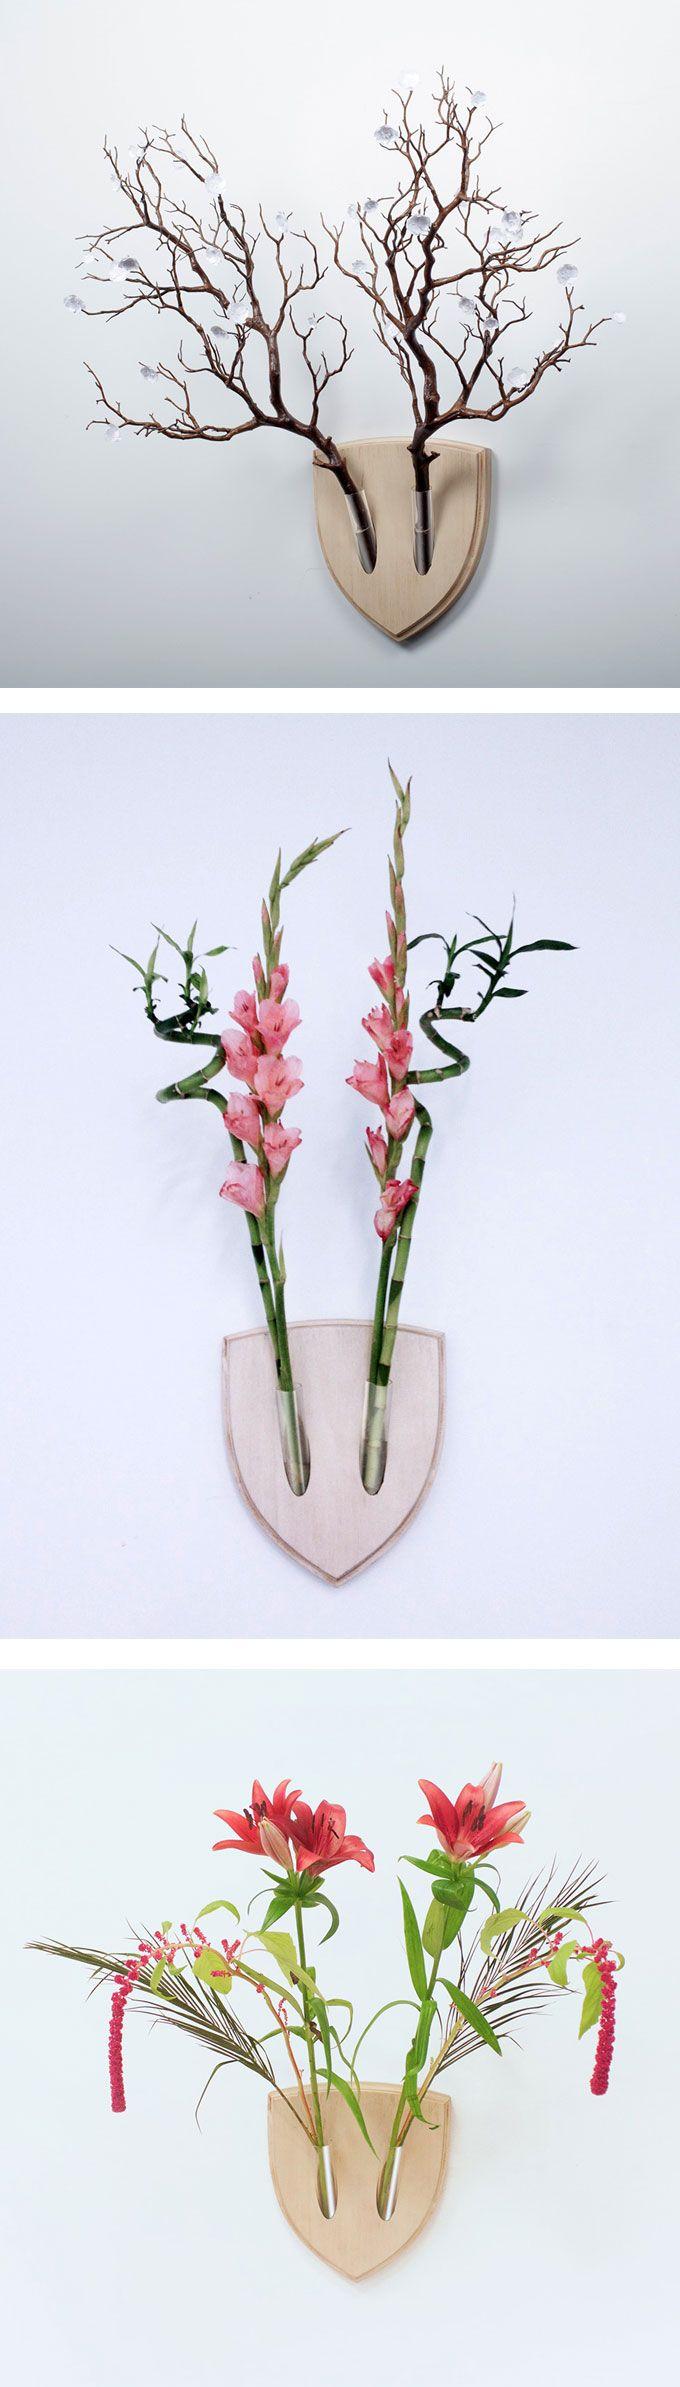 Inspirati all'Ikebana, l'arte giapponese della disposizione dei fiori recisi